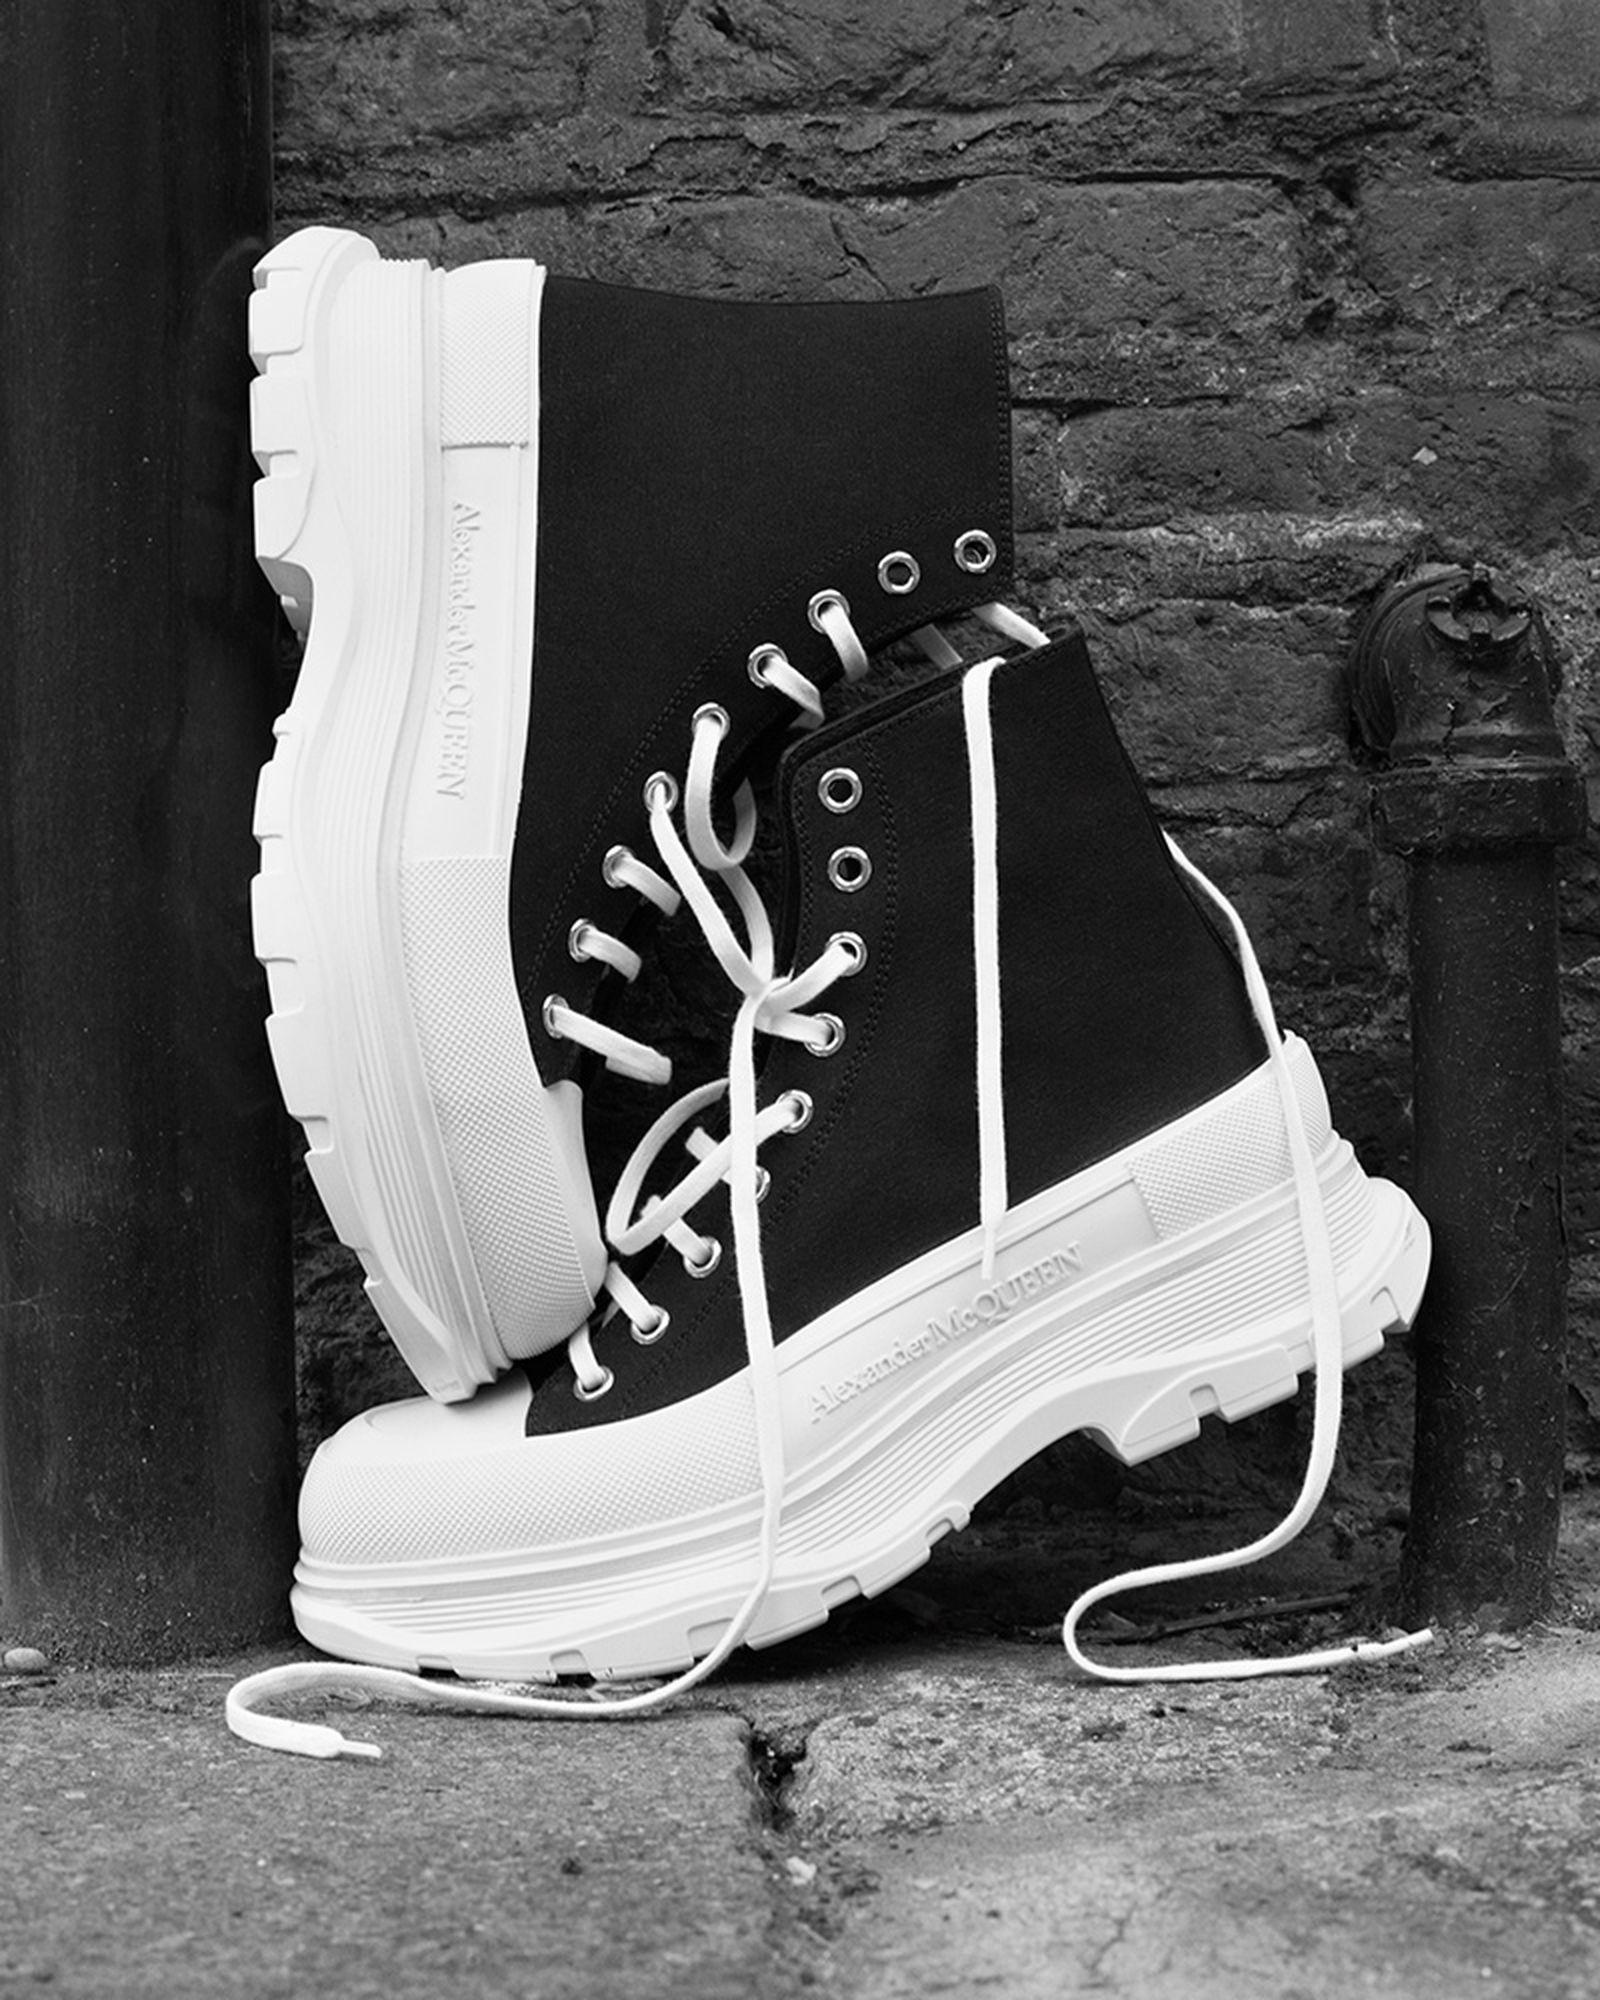 alexander-mcqueen-tread-slick-release-date-price-02